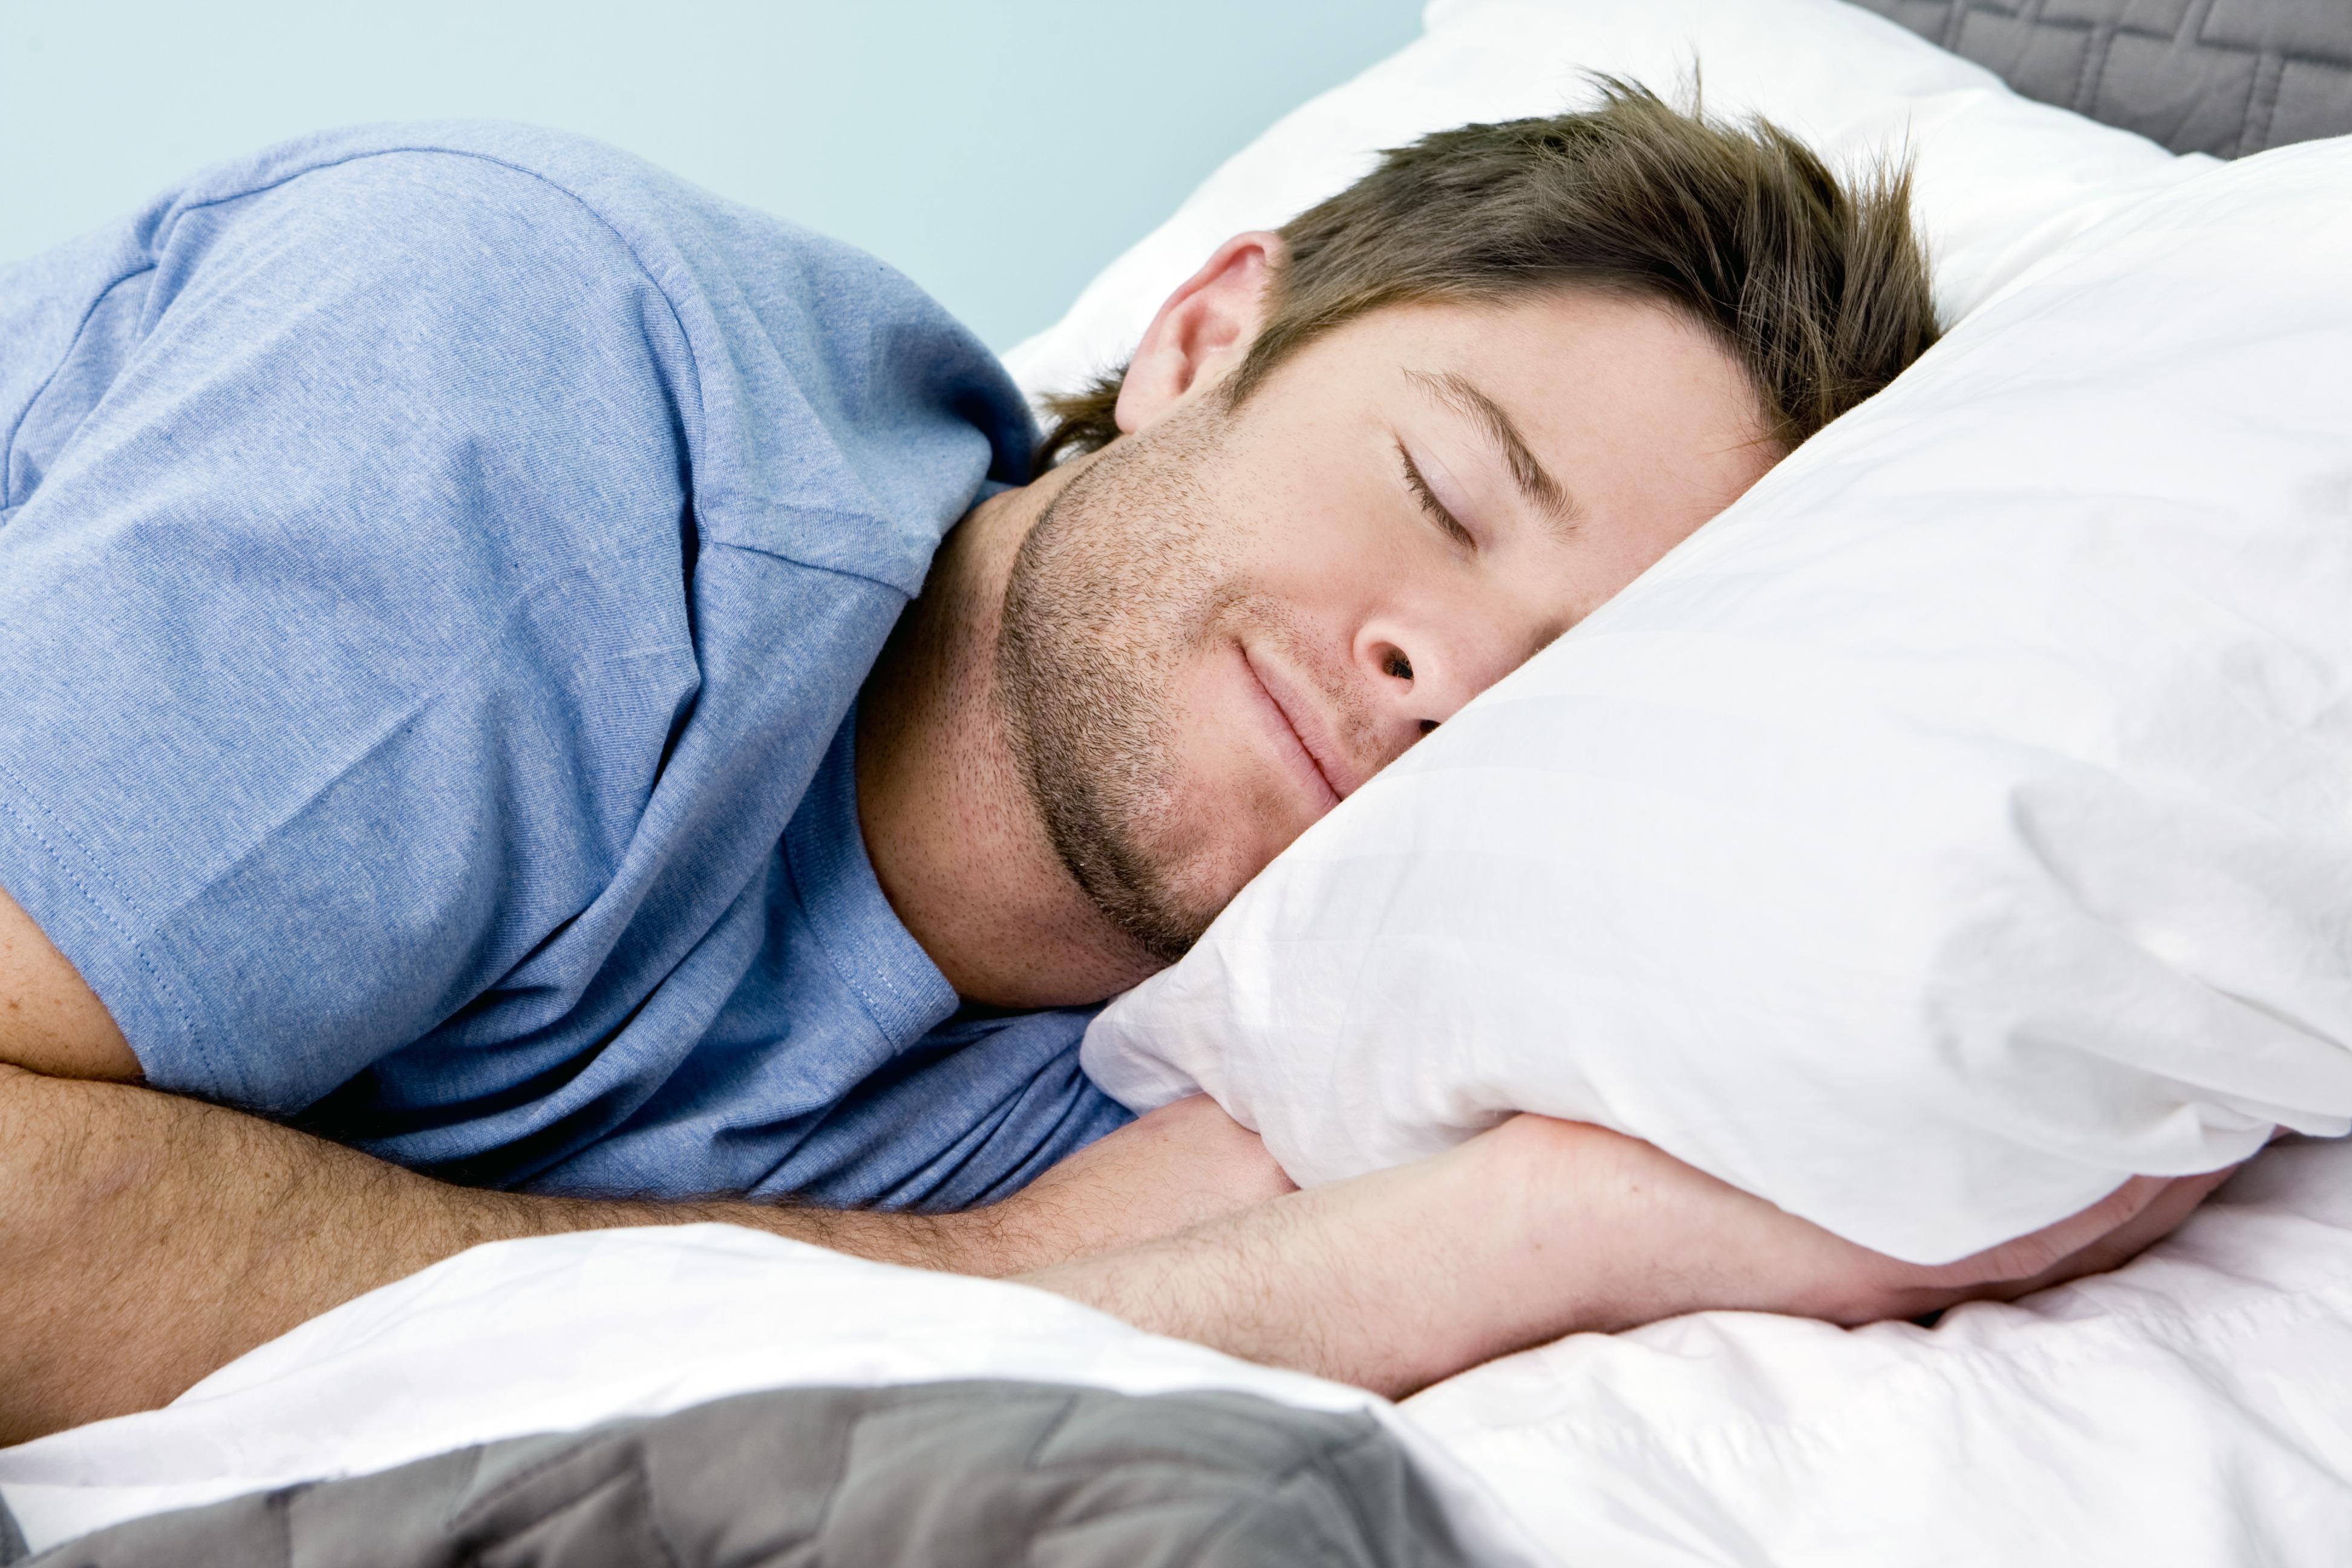 أسباب كثرة النوم ومعدل النوم الطبيعي